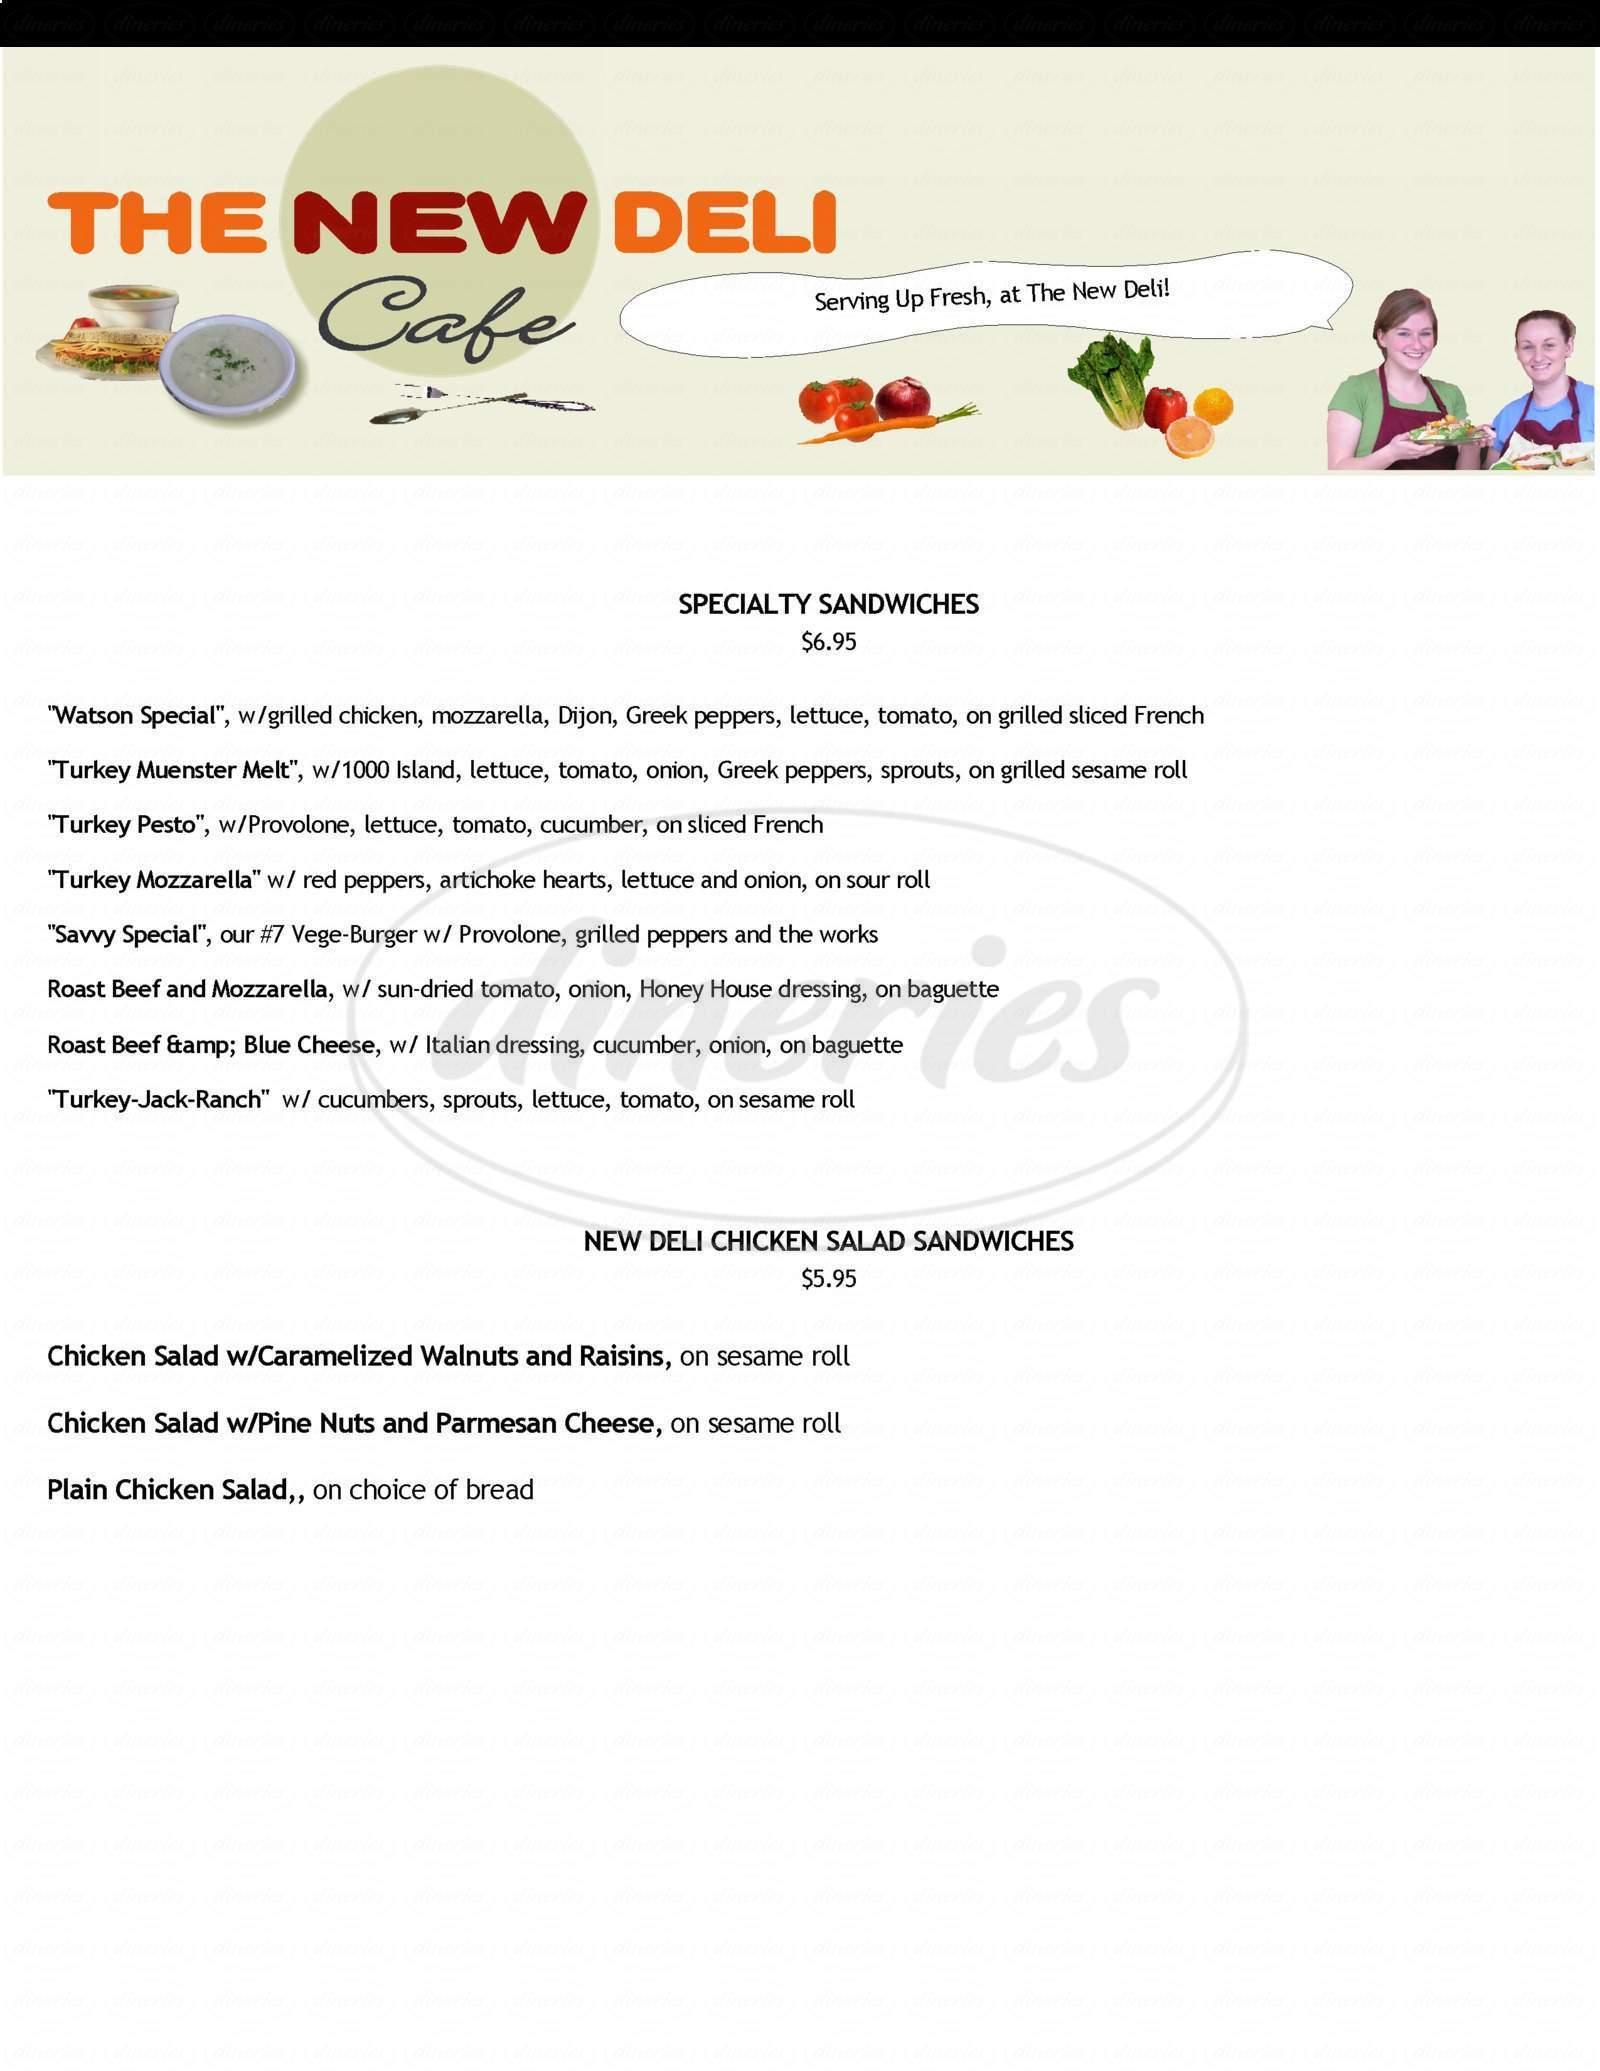 menu for The New Deli